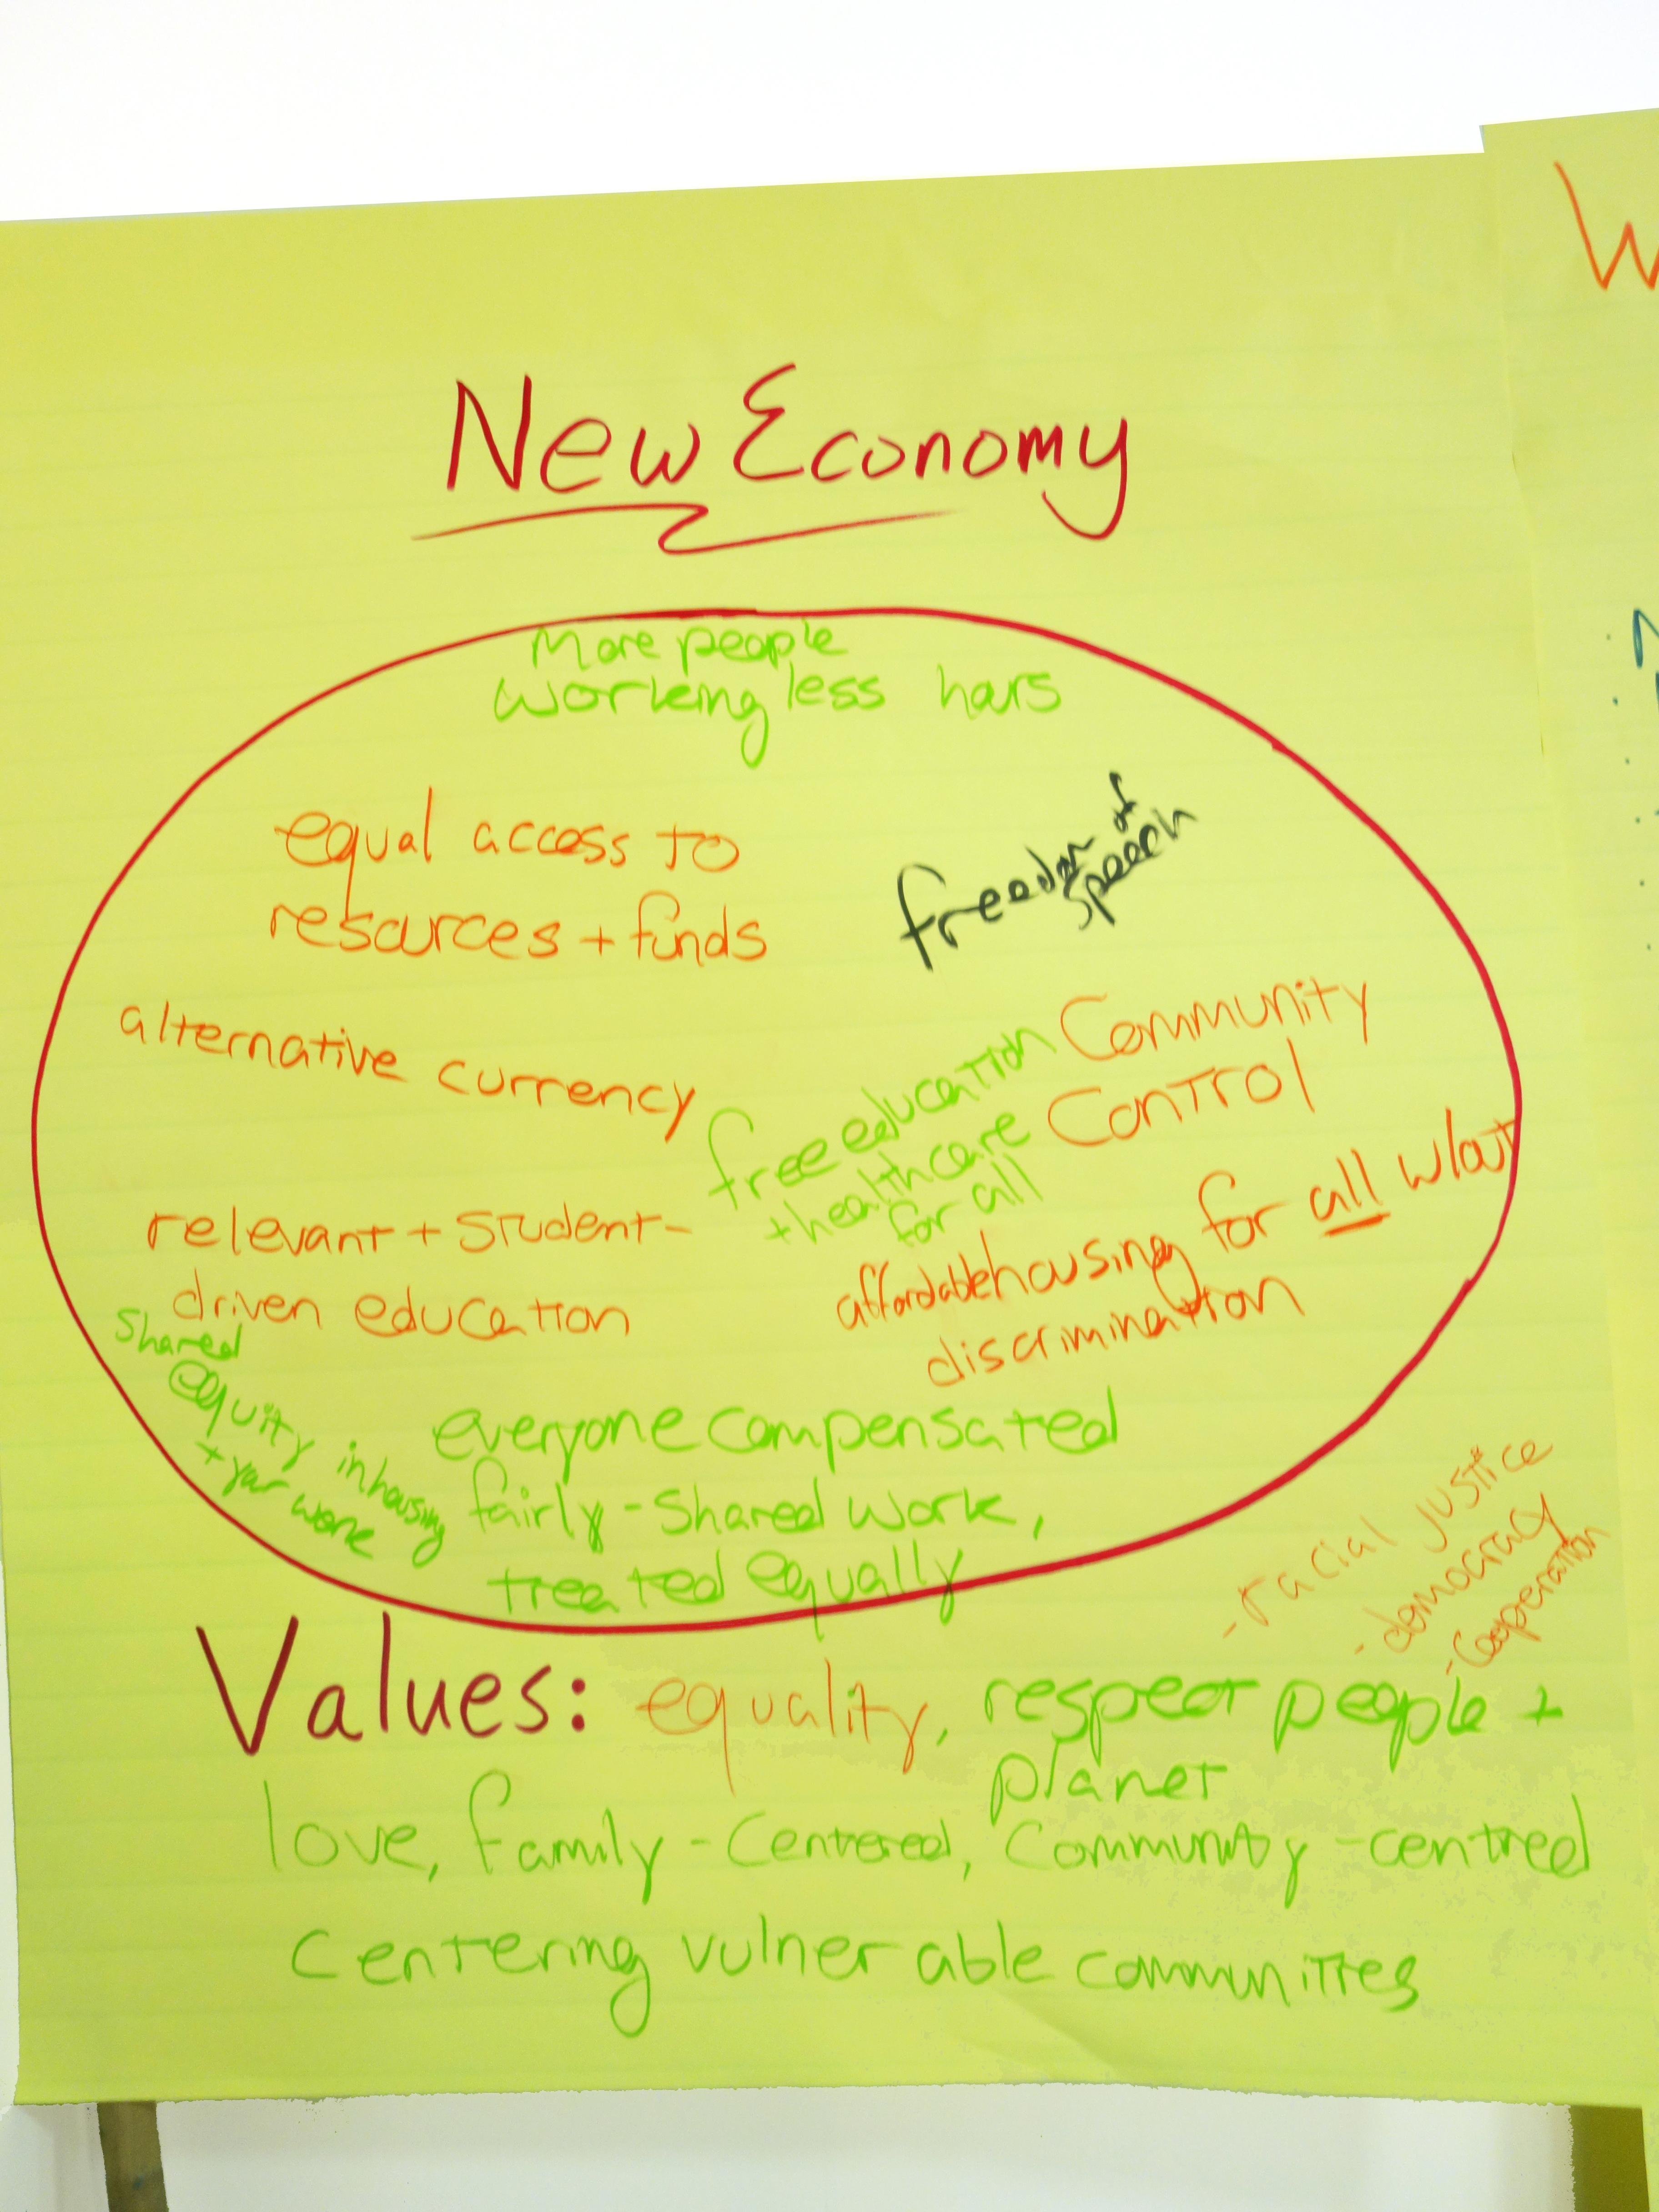 New Economy Sheetb